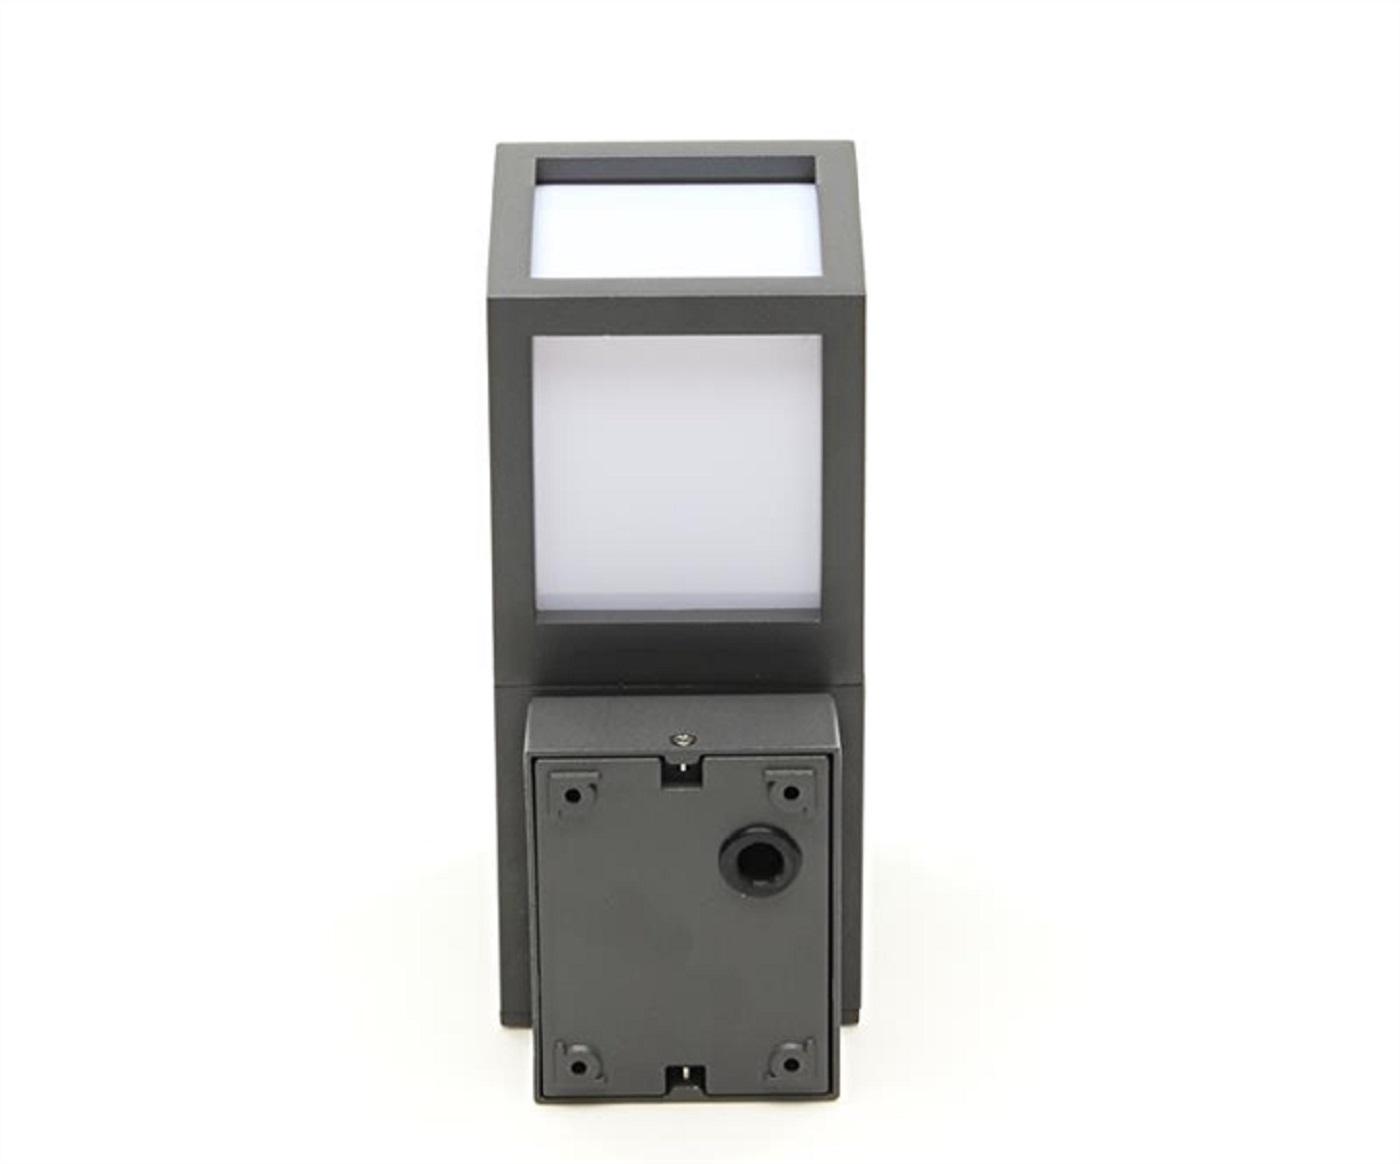 Applique lampade led da esterno a parete prova sito